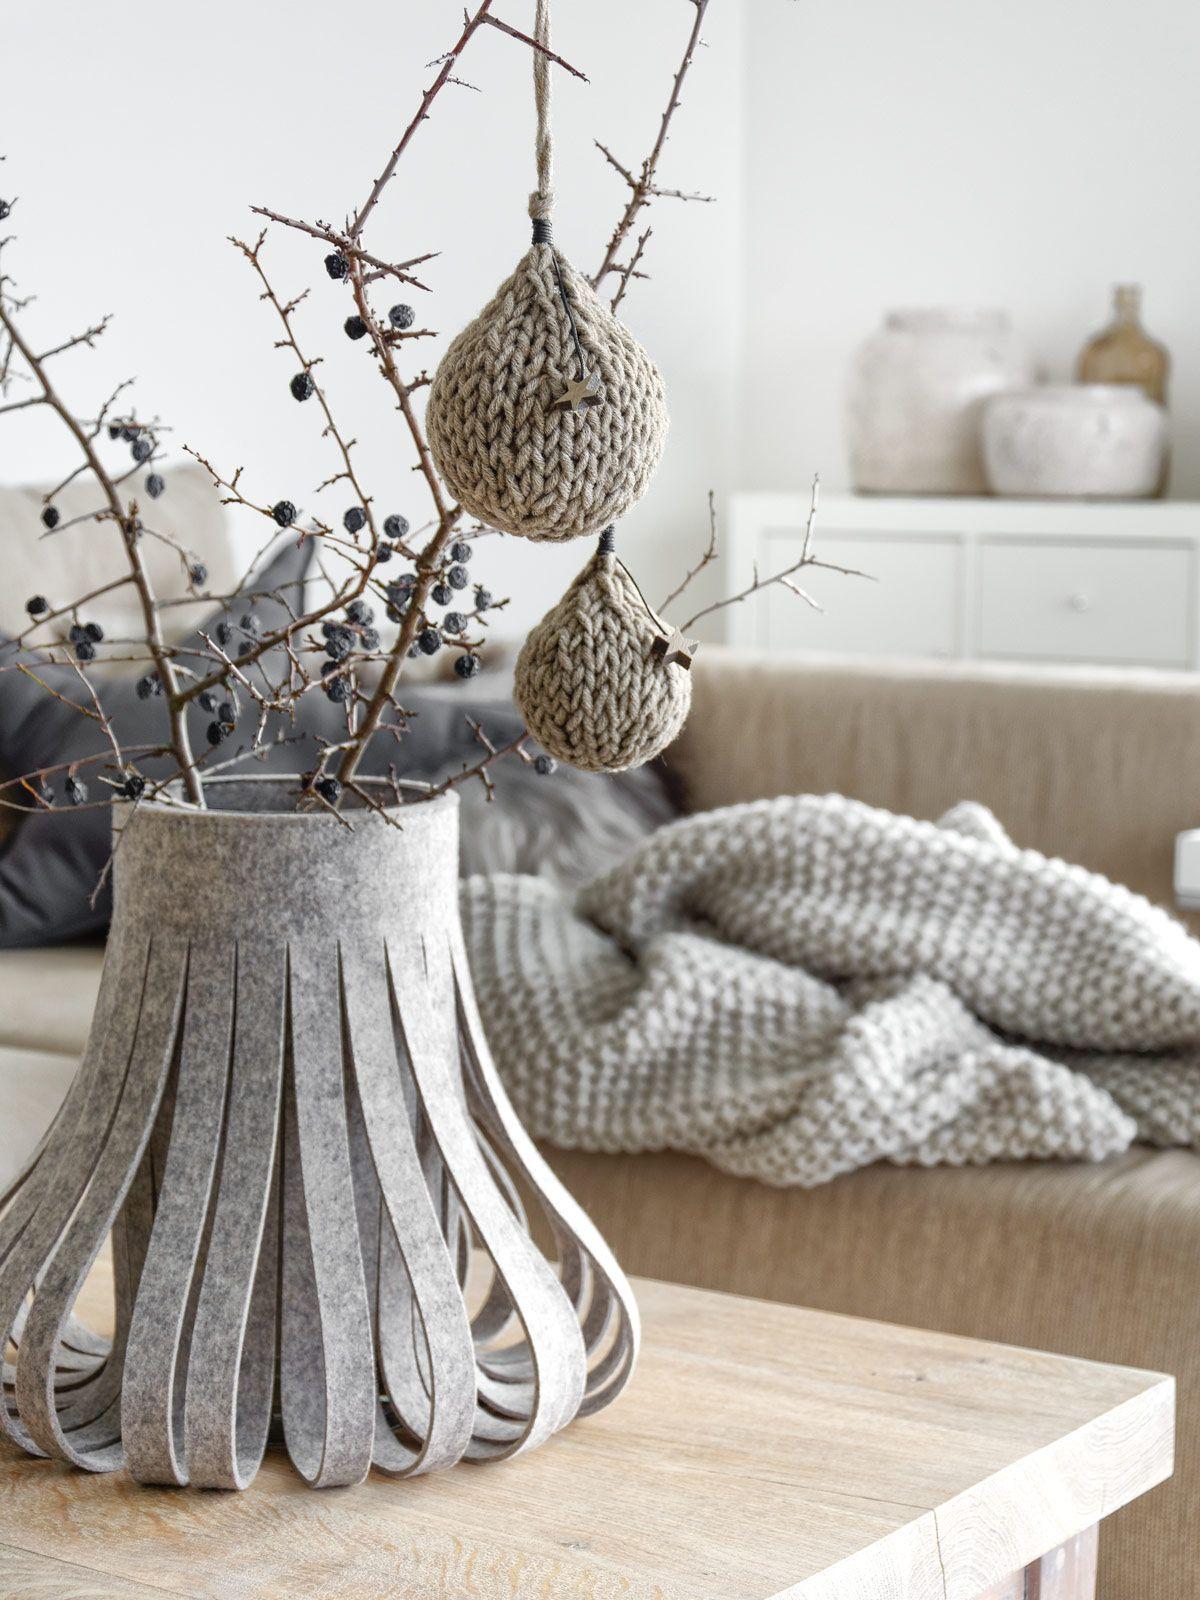 mxliving seite 2 blog diy wohnen viele ideen zum selbermachen shopping und. Black Bedroom Furniture Sets. Home Design Ideas